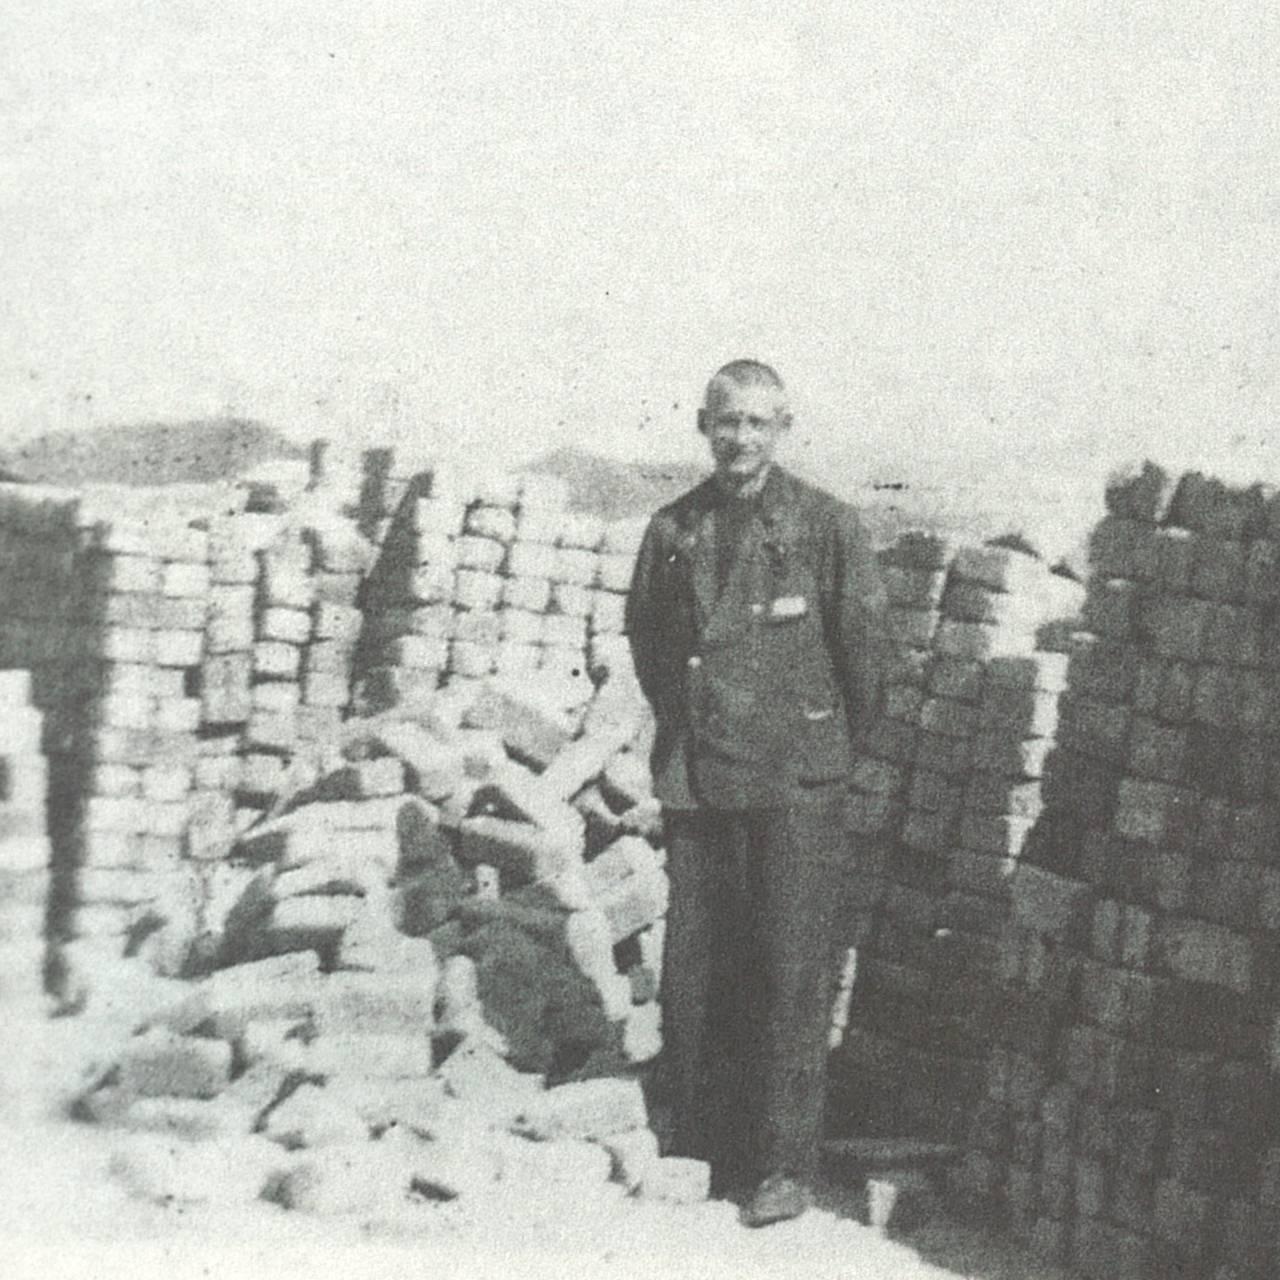 Jon Sølvberg i steinbruddet i leiren Natzweiler.